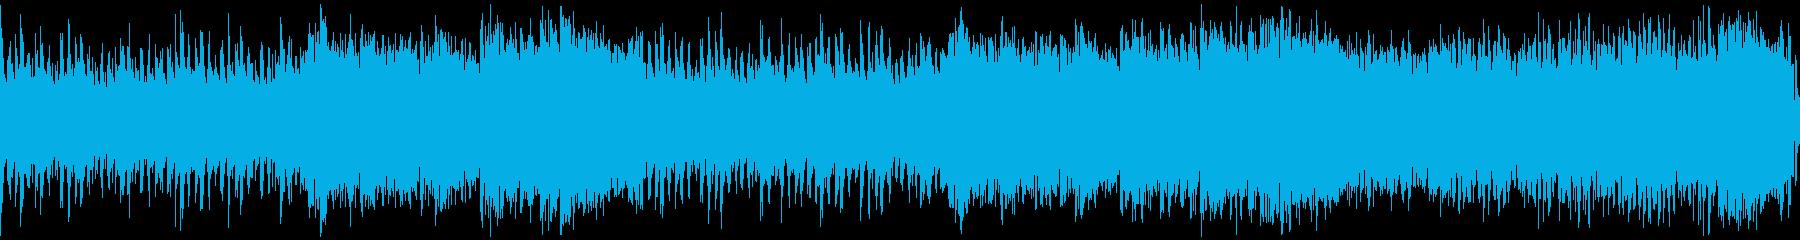 スピード感のあるサイバー戦闘曲・ループの再生済みの波形